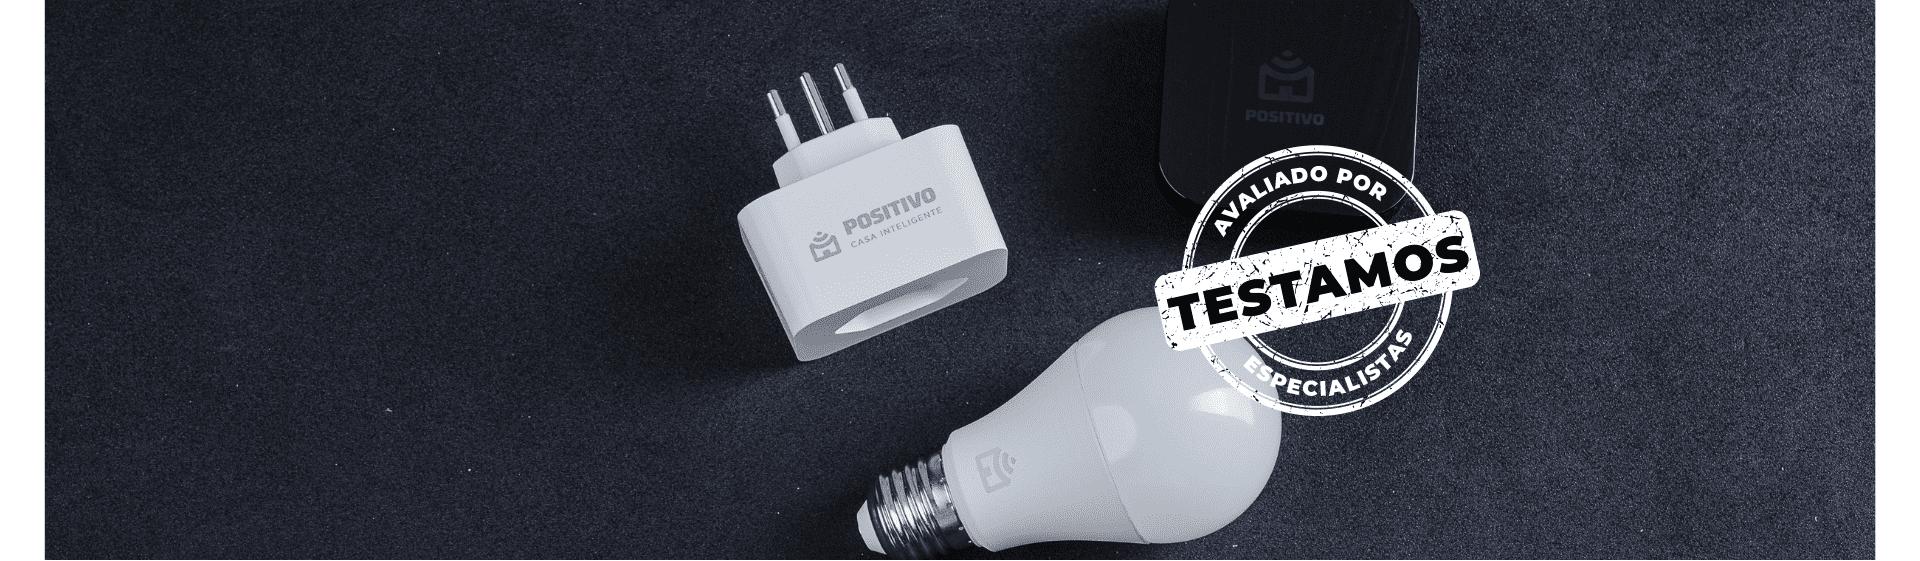 """Lâmpada smart, tomada e smart controle universal apoiados em superfície cinza, com selo """"Avaliado por Especialistas""""."""